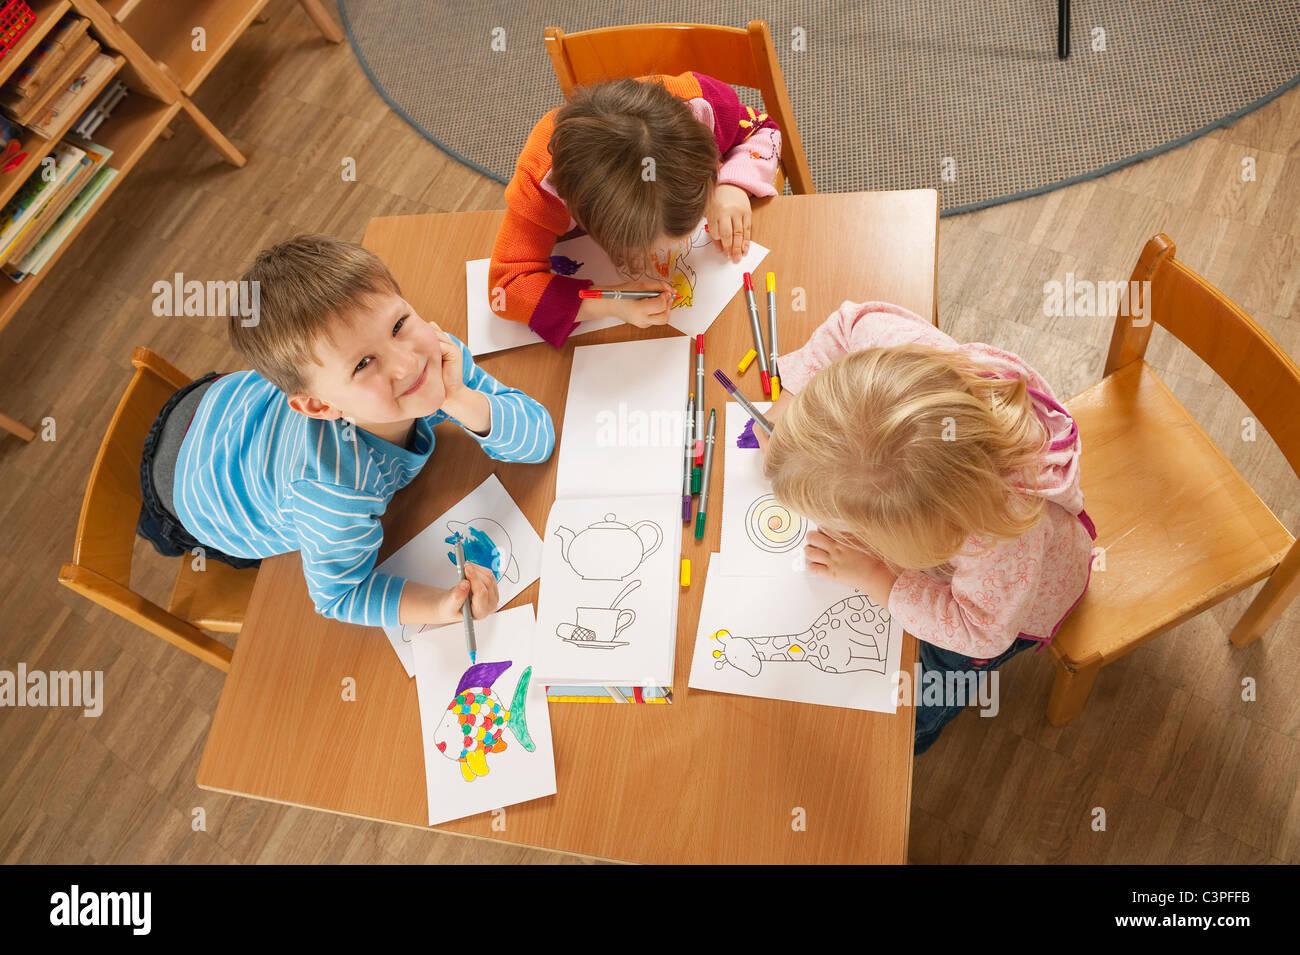 Deutschland, Kinder Kindergarten am Tisch malen von Bildern, erhöht, Ansicht Stockbild